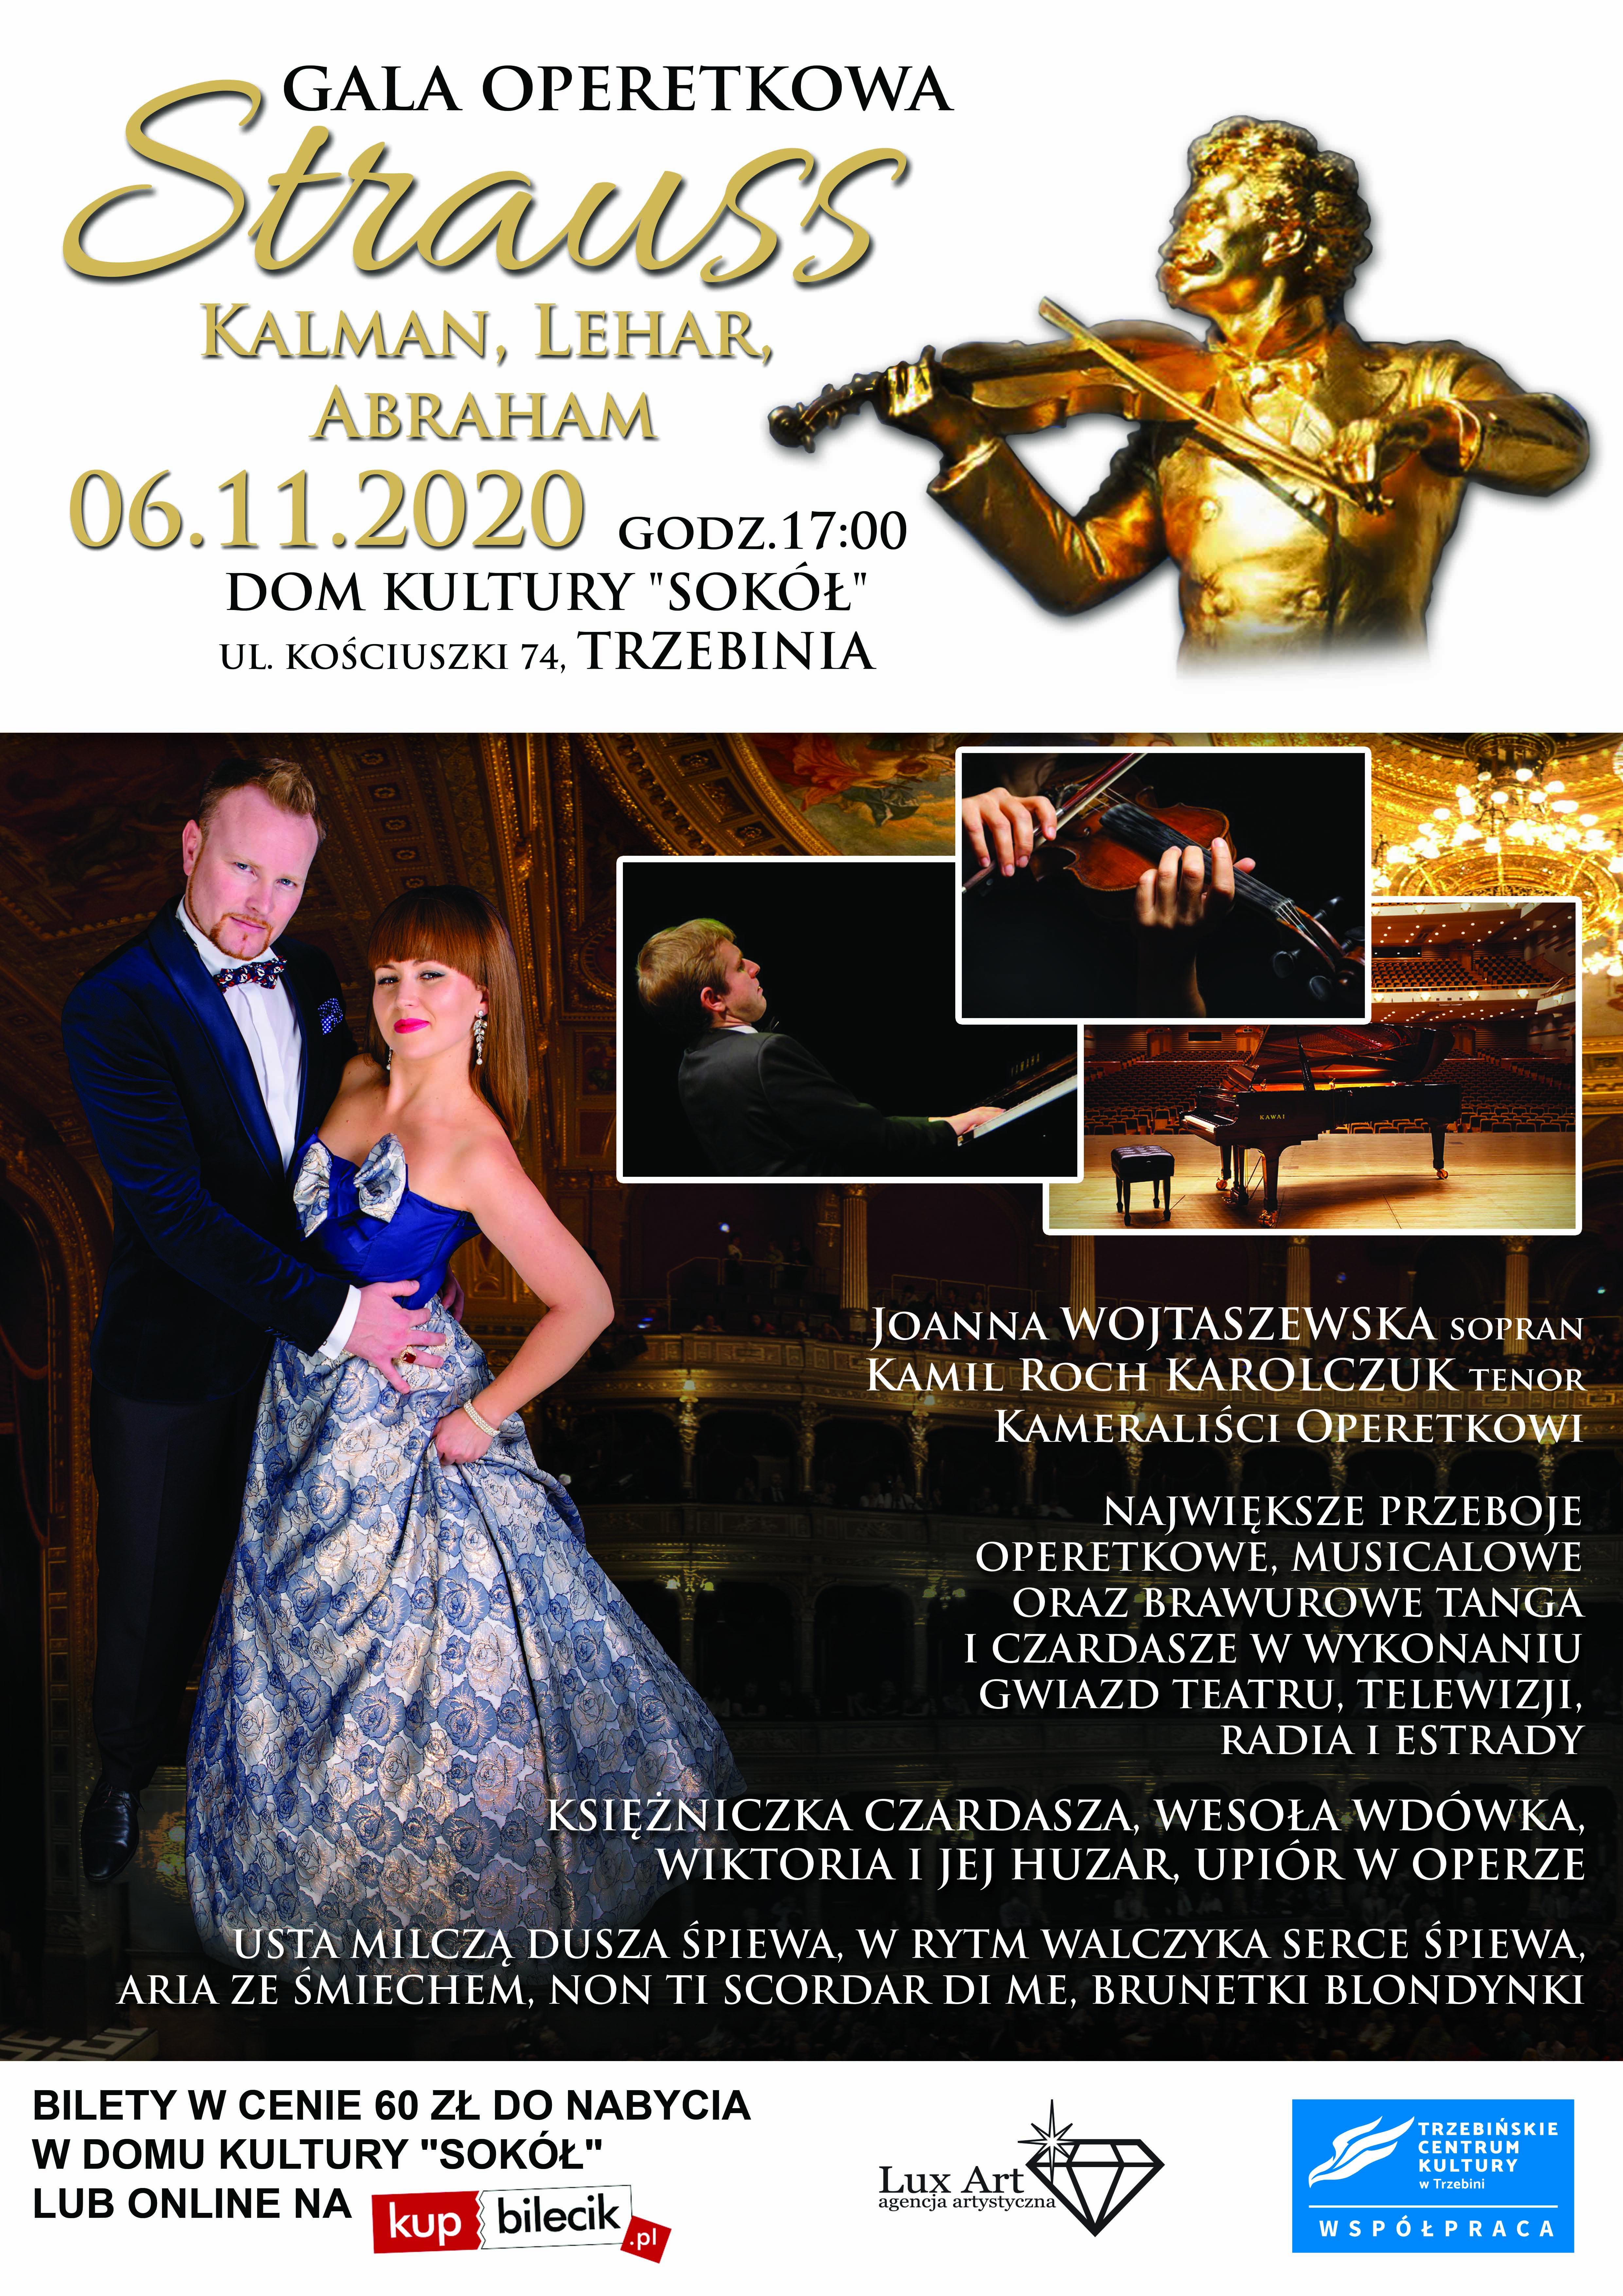 TRZEBINIA GALA OPERETKOWA STRAUSS 06112020 fb